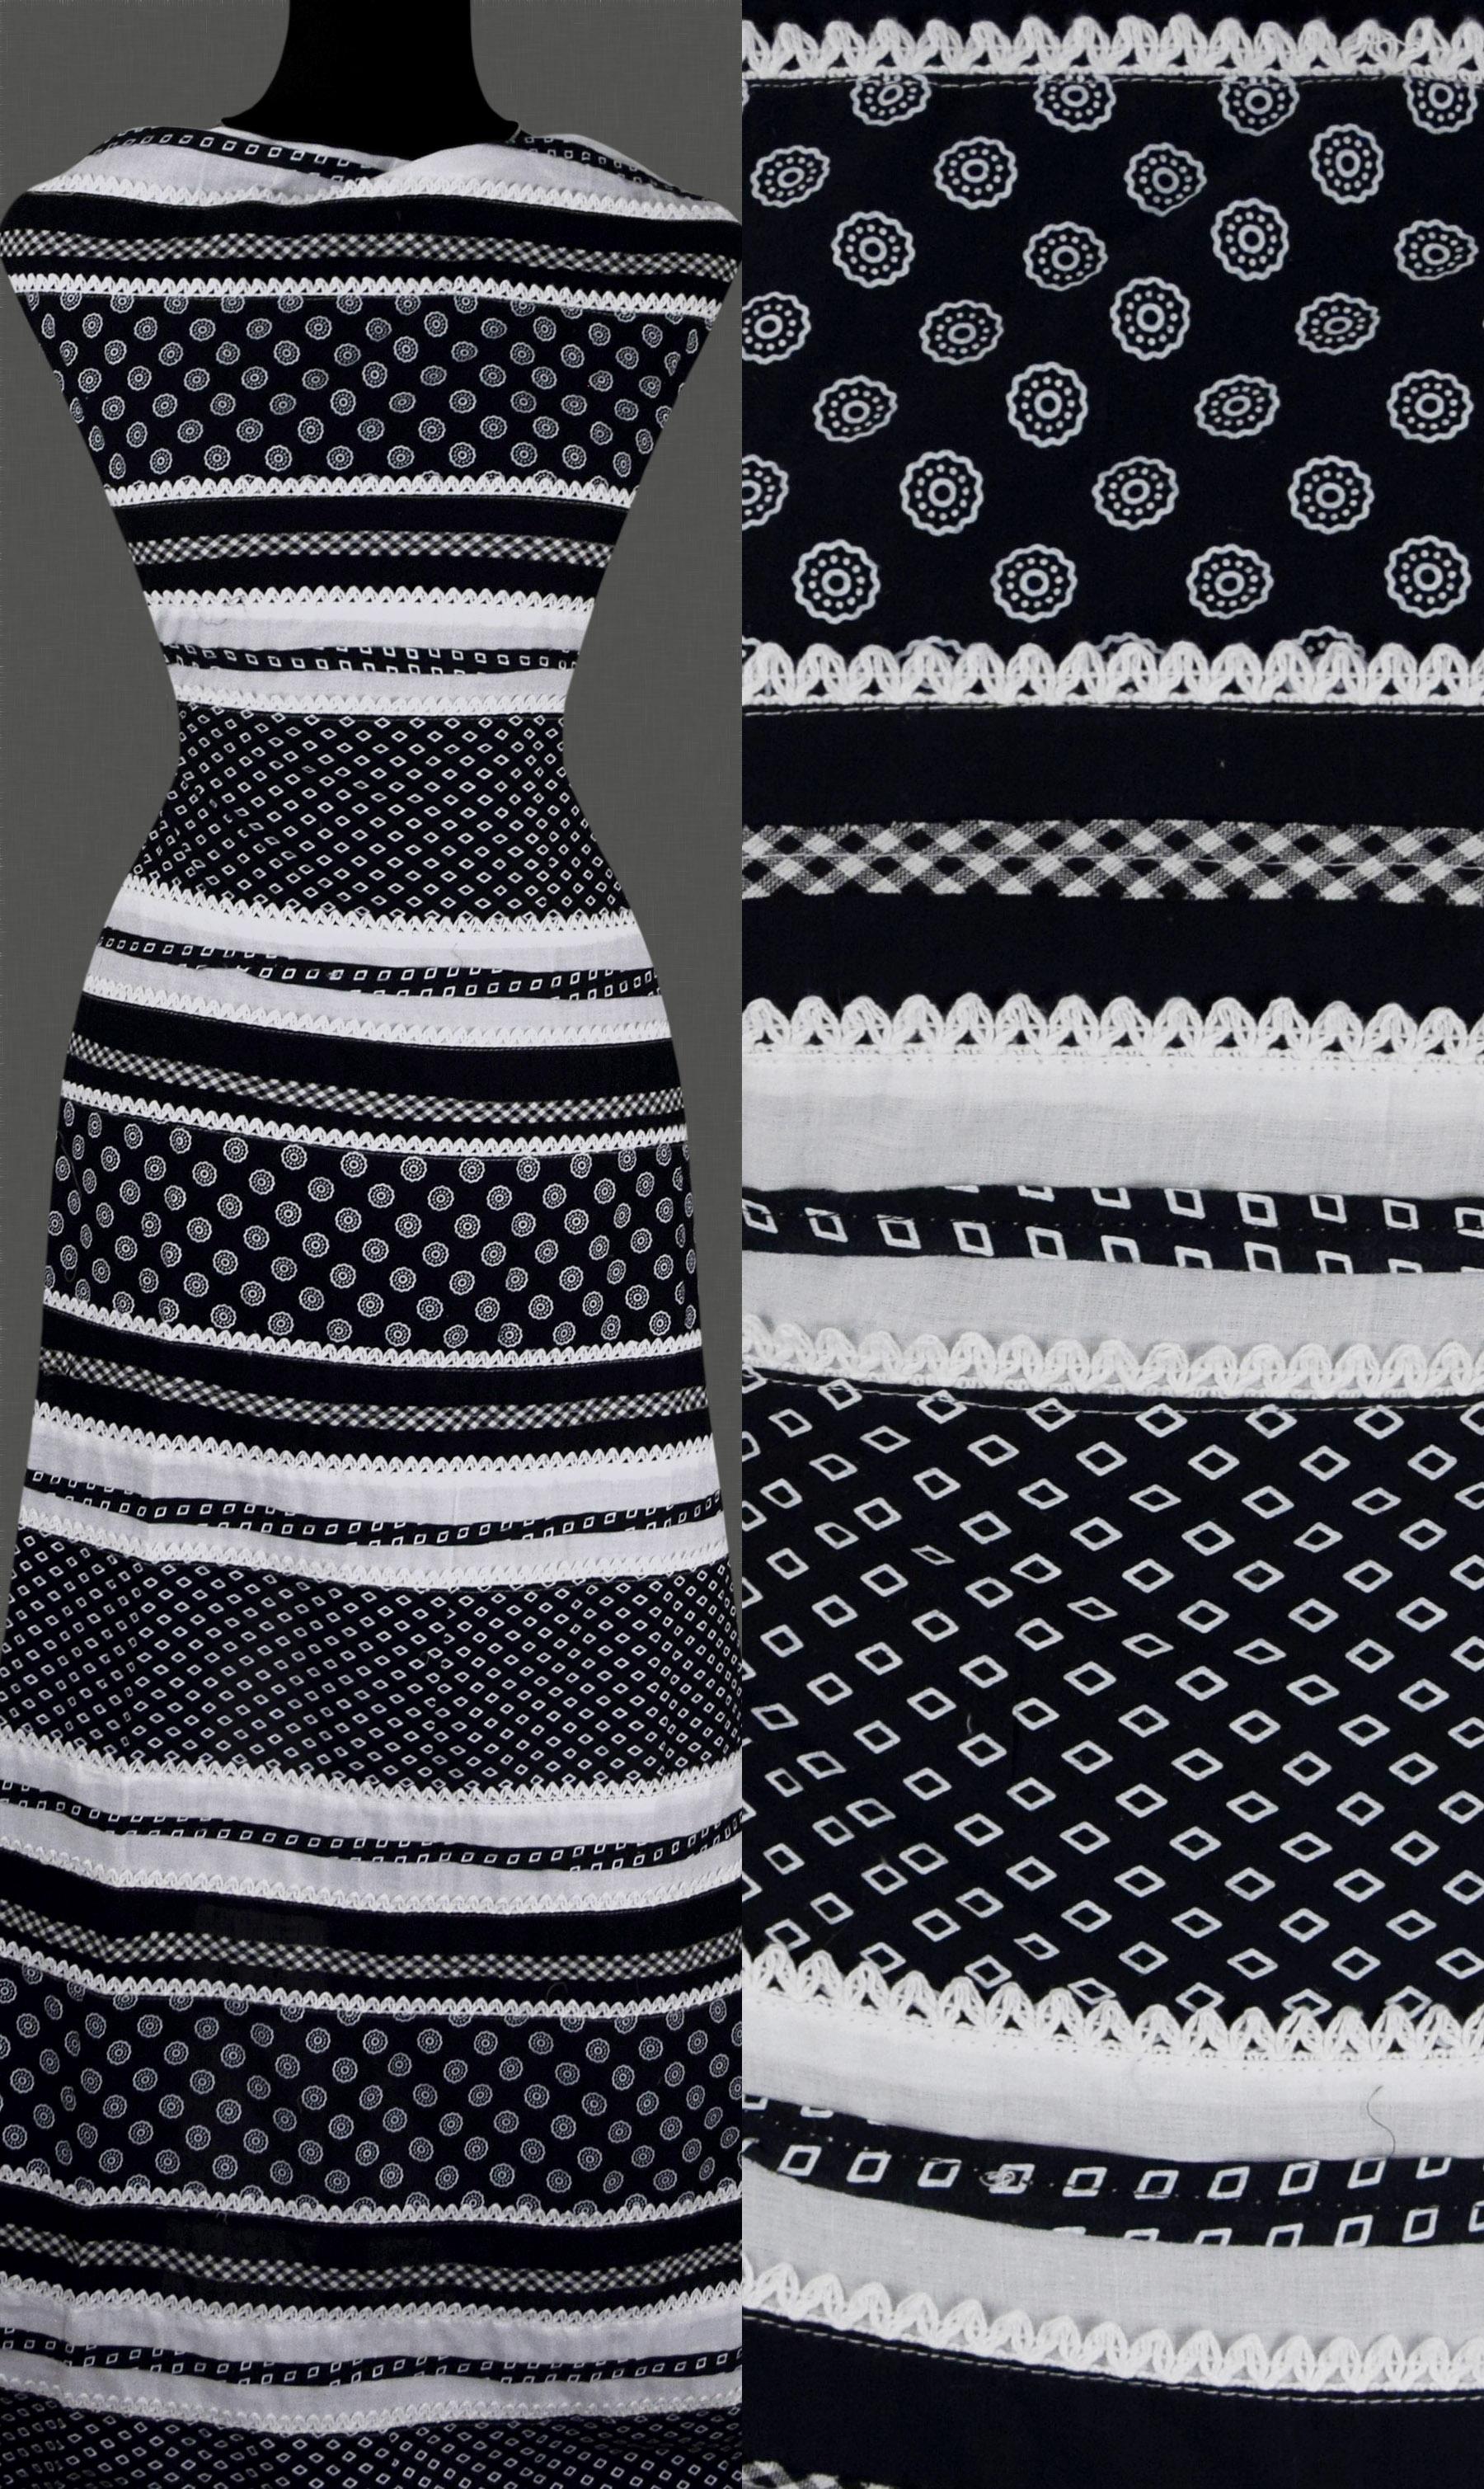 12 60 m 50cm stoff baumwolle schwarz wei gestreift streifen muster spitze ebay. Black Bedroom Furniture Sets. Home Design Ideas